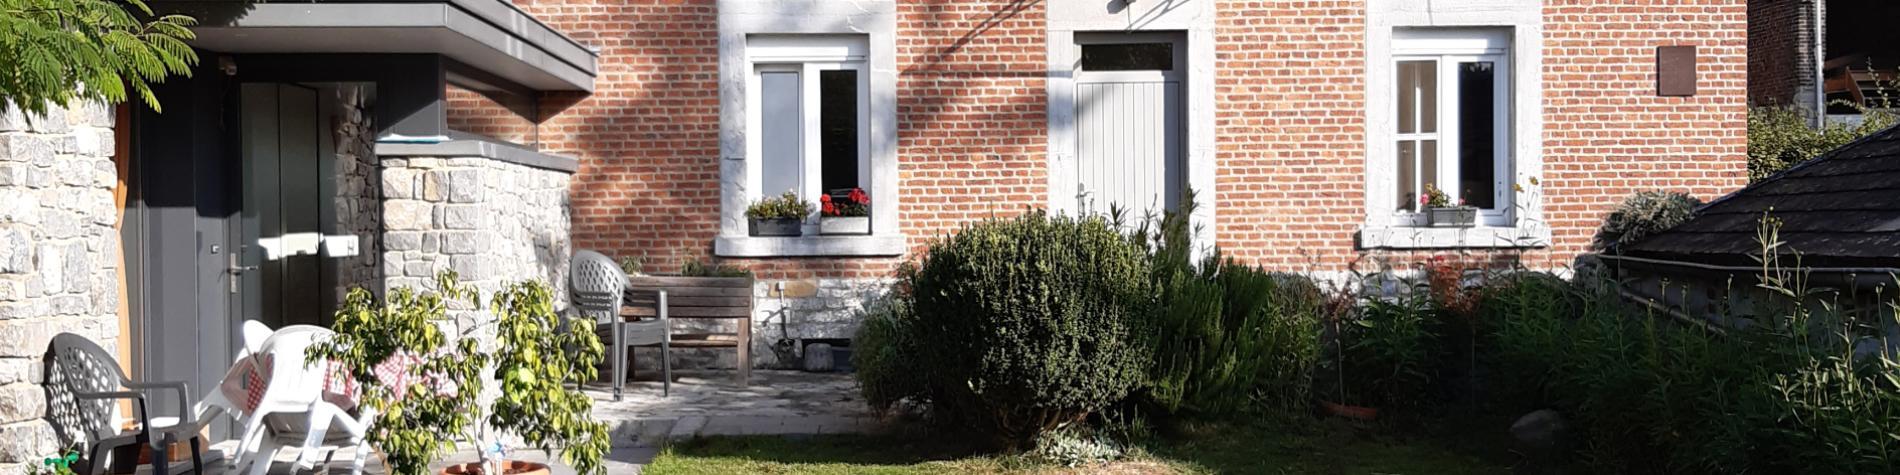 Chambre d'hôtes - Pré de Caroline - Huy